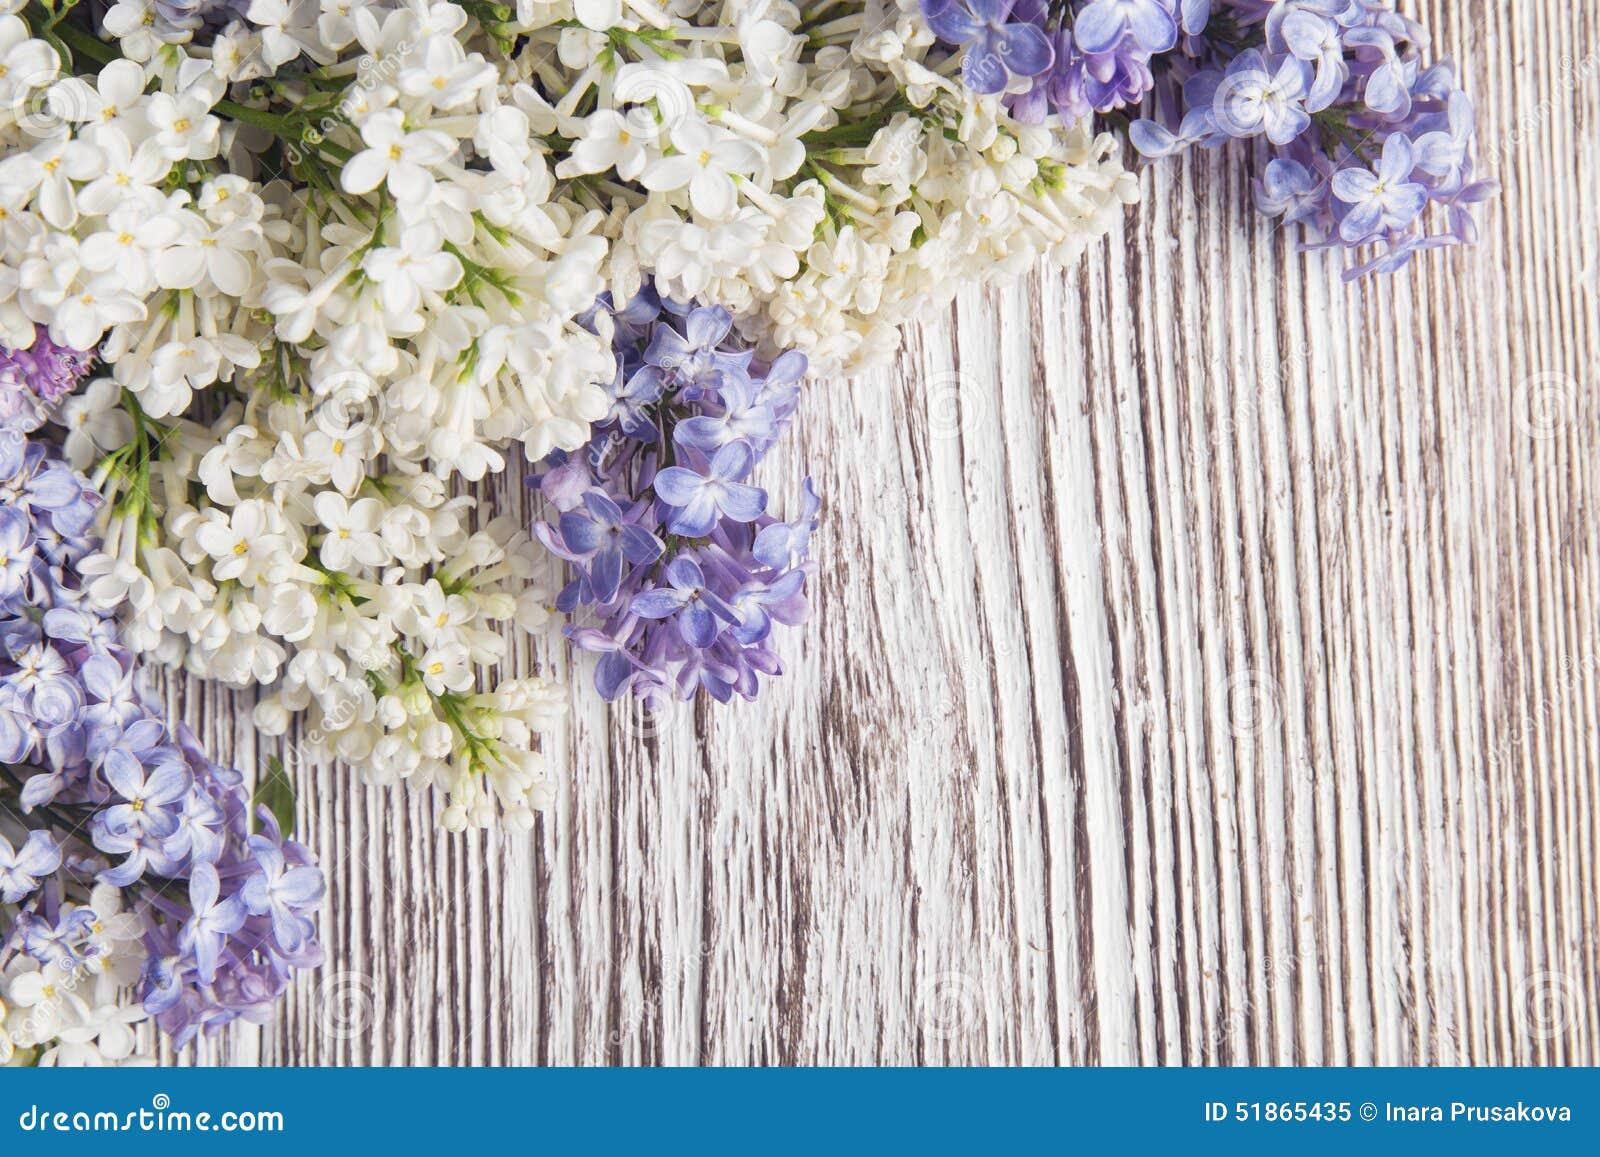 Сирень цветет букет на деревянной предпосылке планки